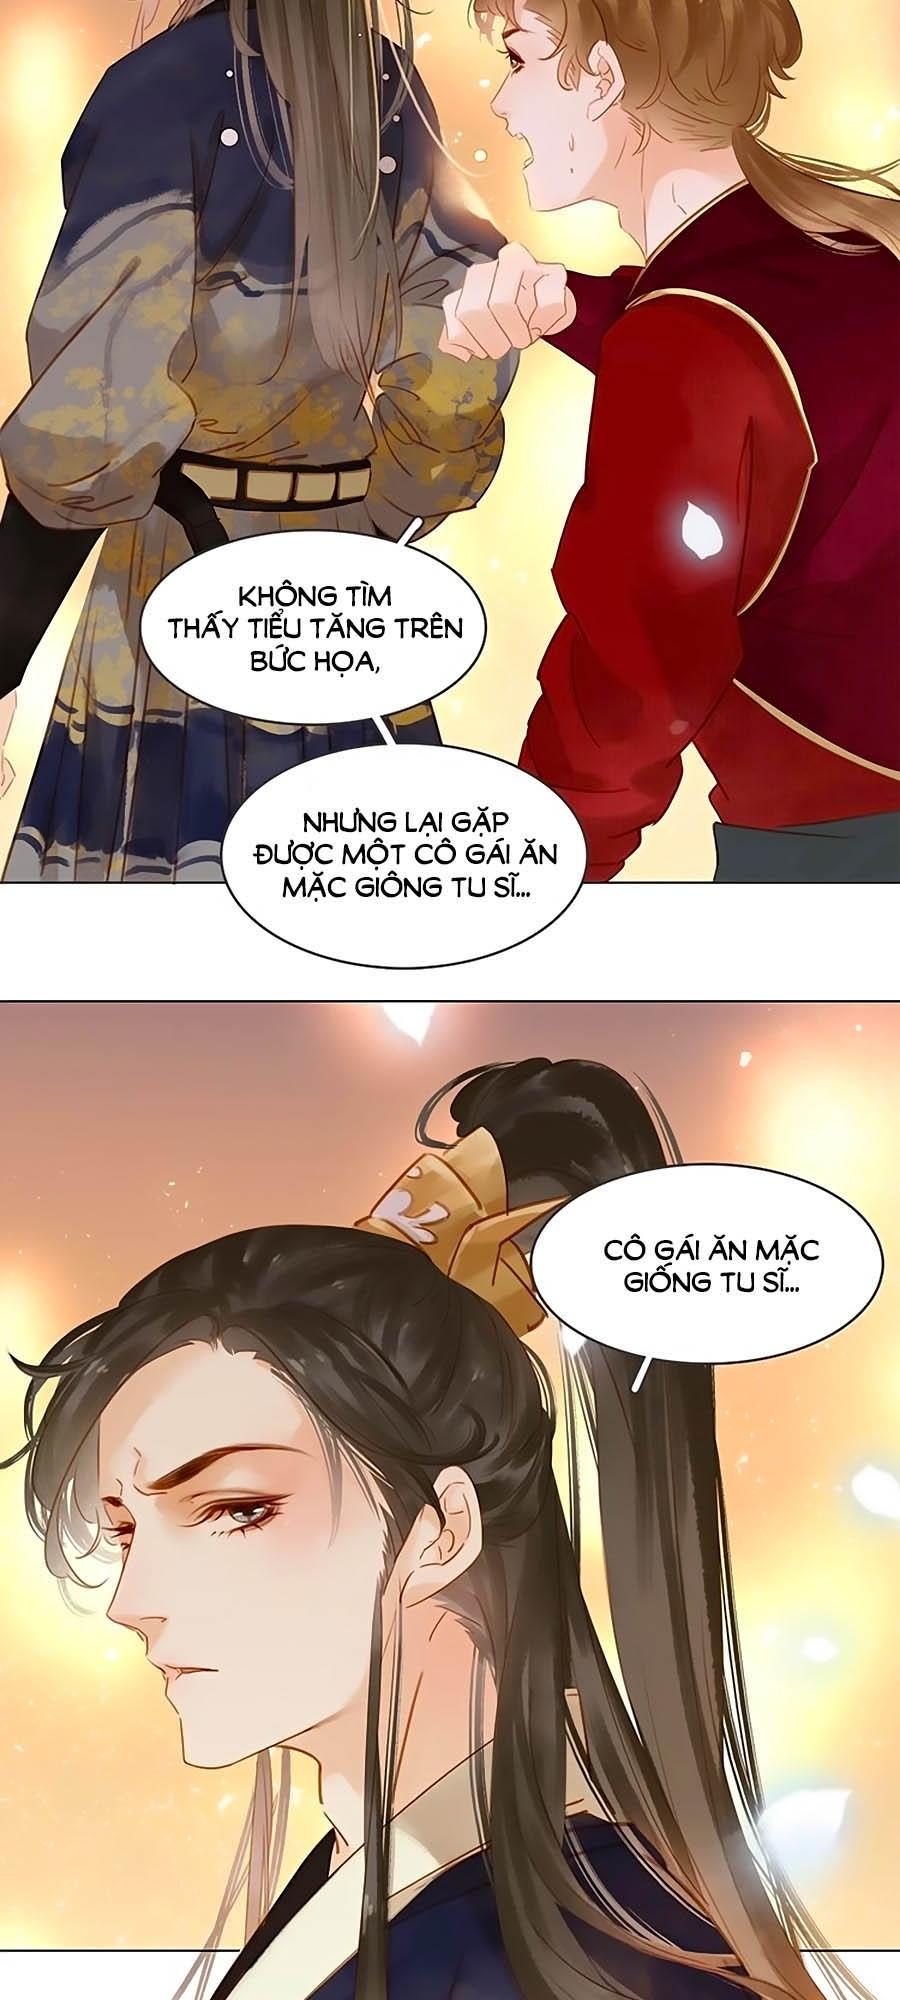 Tiểu sư phụ, tóc giả của ngài rơi rồi! chap 12 - Trang 2